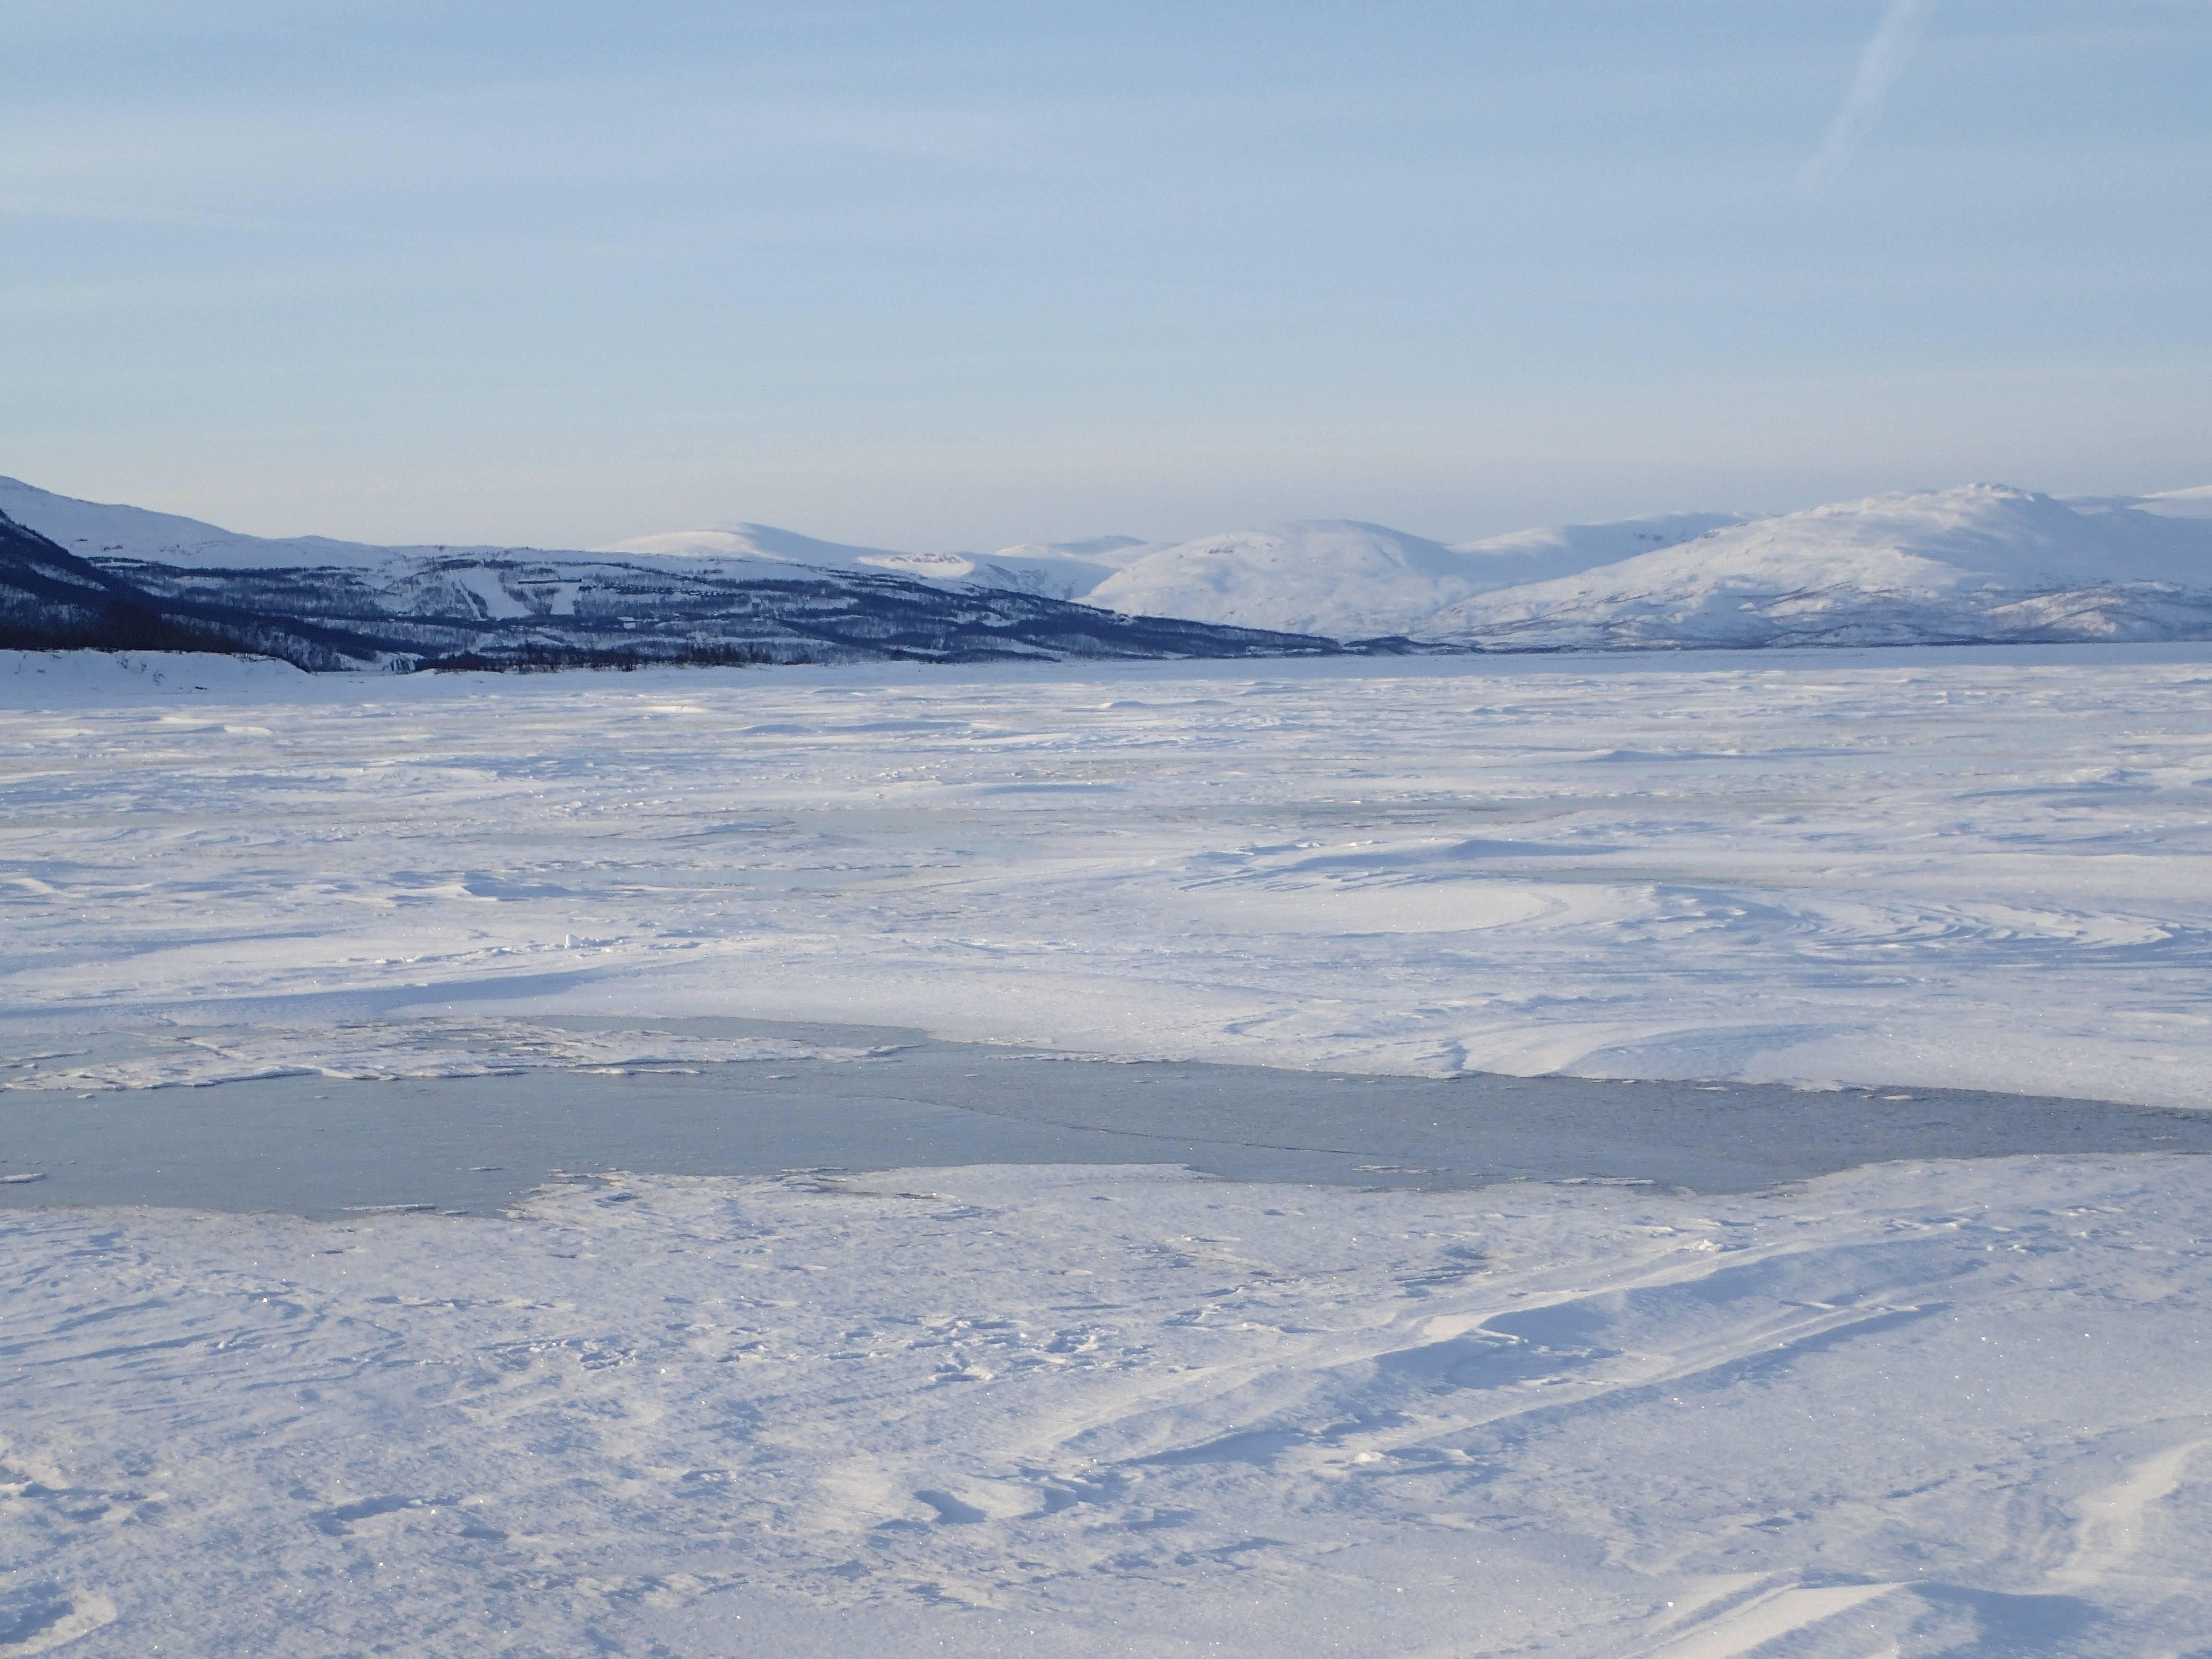 Photo 3: Parc national d'Abisko, un lac gelé de 70km